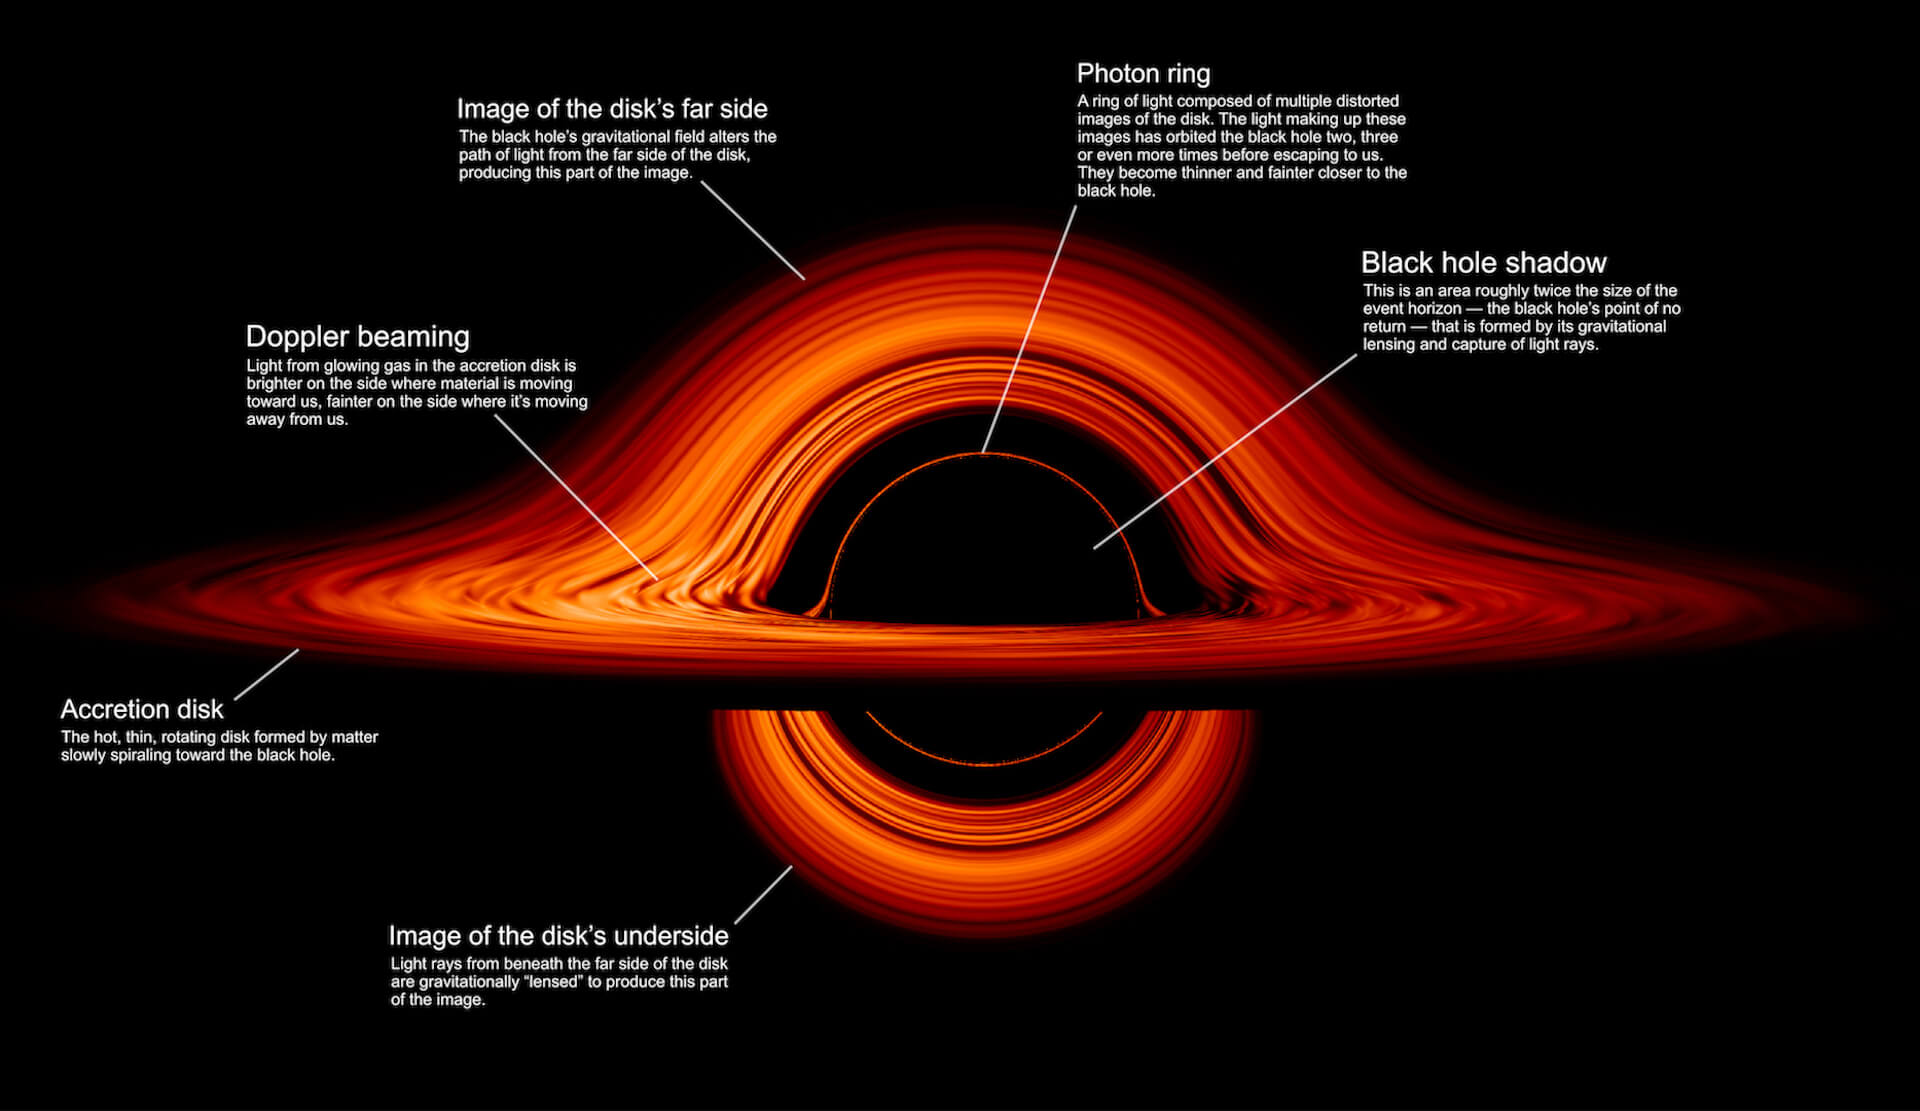 映画『インターステラー』そのまま?NASAが公開したブラックホールの最新ヴィジュアルが話題に technology190930-blackhole-intersteller-1